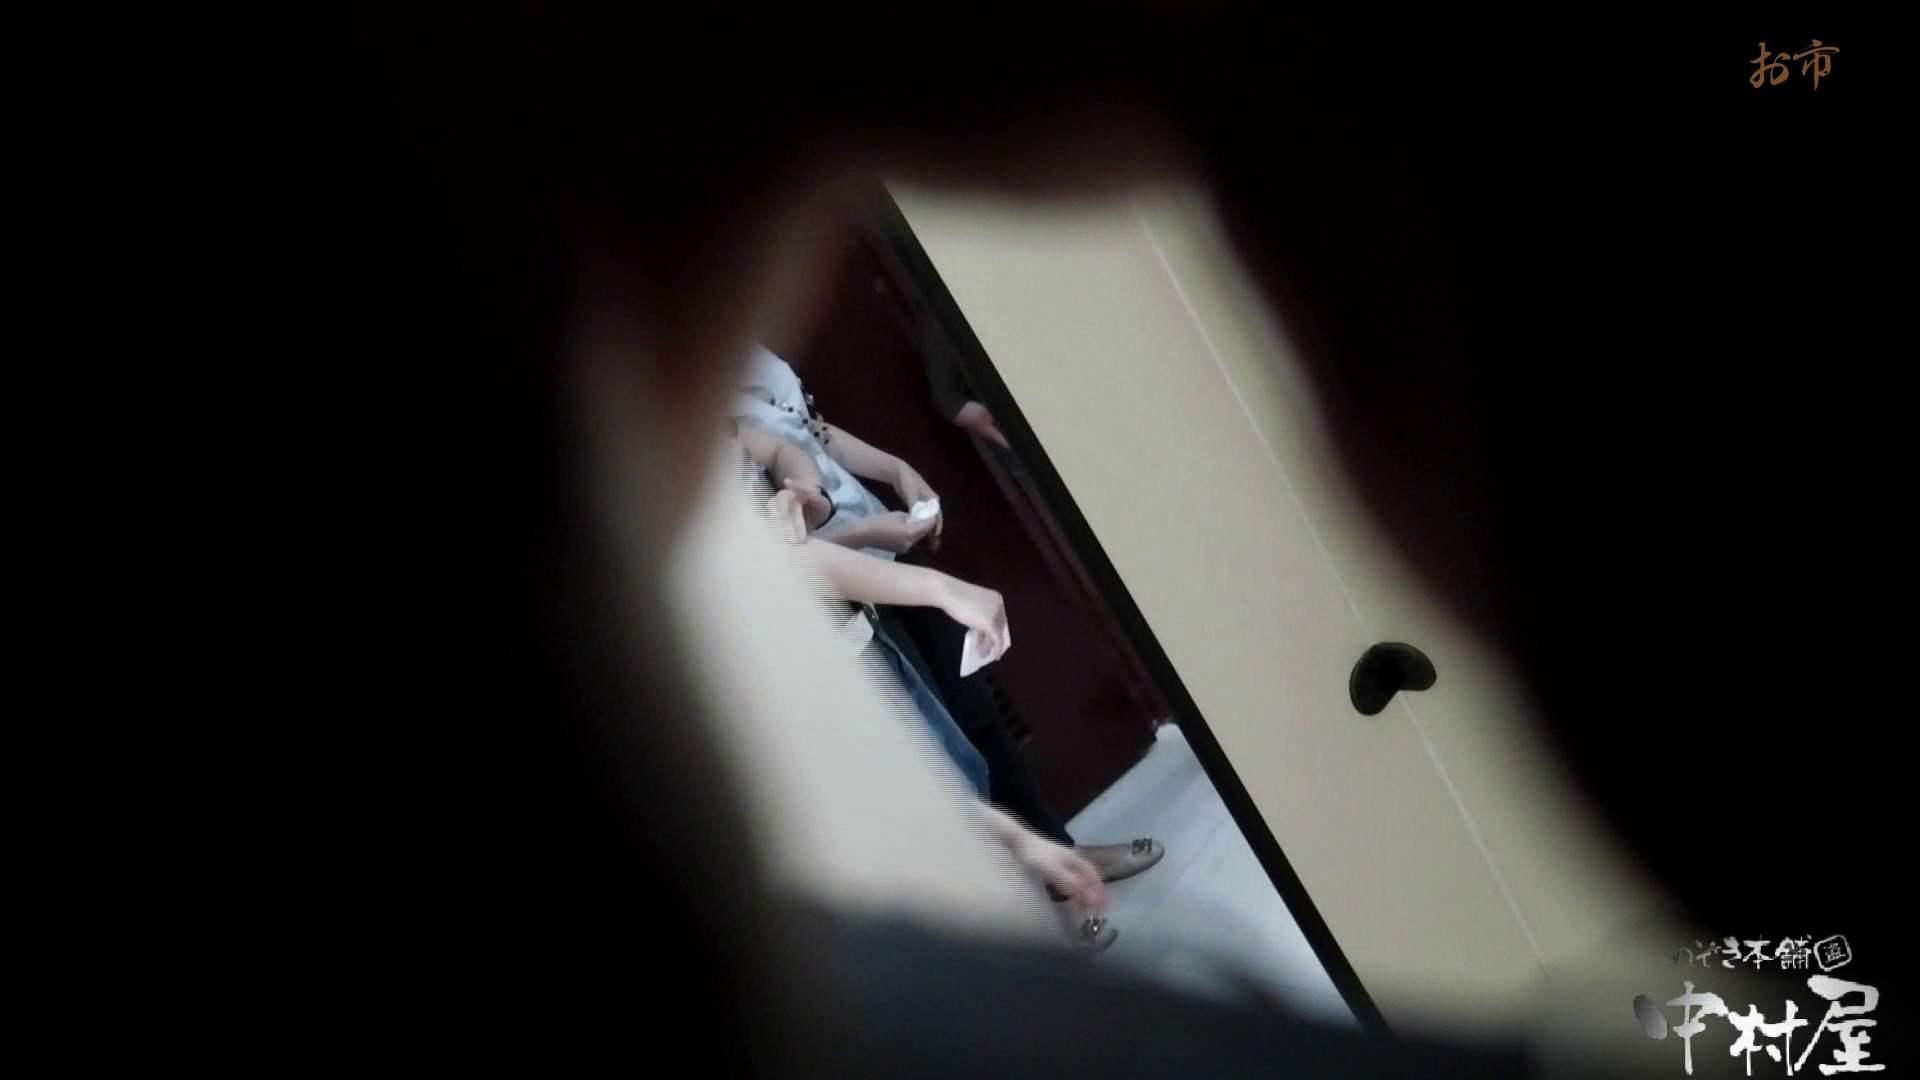 お市さんの「お尻丸出しジャンボリー」No.15 お尻 アダルト動画キャプチャ 99pic 71